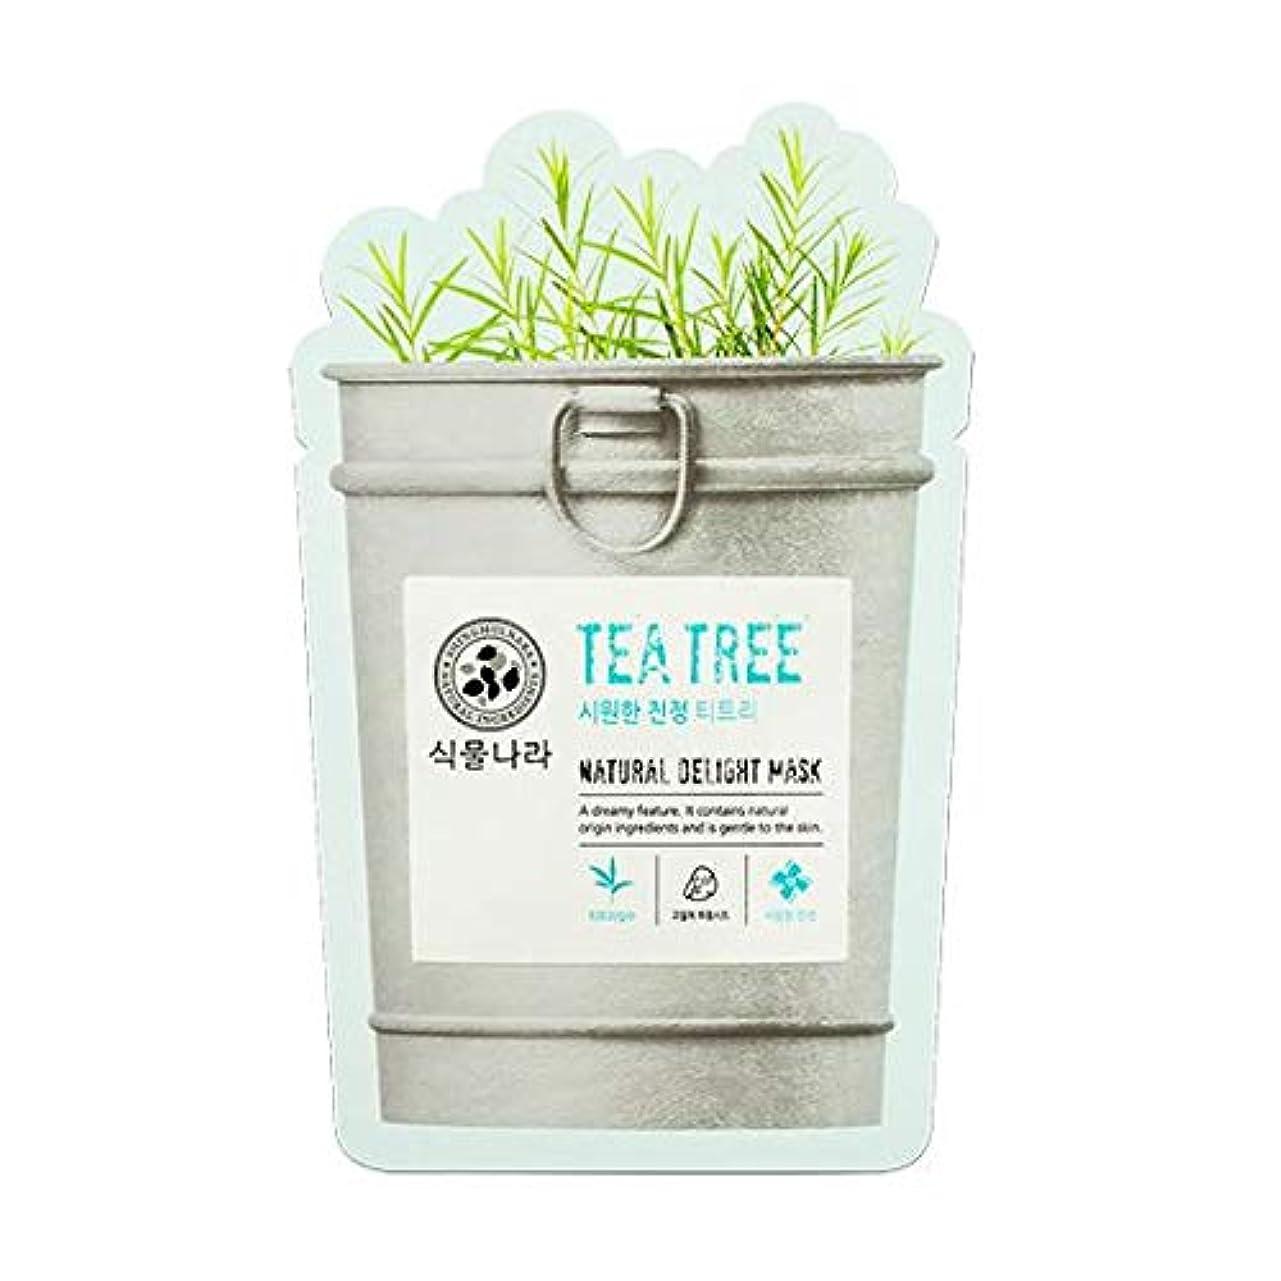 喉が渇いた恩赦ダーツSHINGMULNARA 植物ナラ ナチュラル デライト マスクパック ティートリ/アロエ/炭/蜜 韓国オリーブ霊遊明商品 (ティートリー (Tea Tree) 5pack)